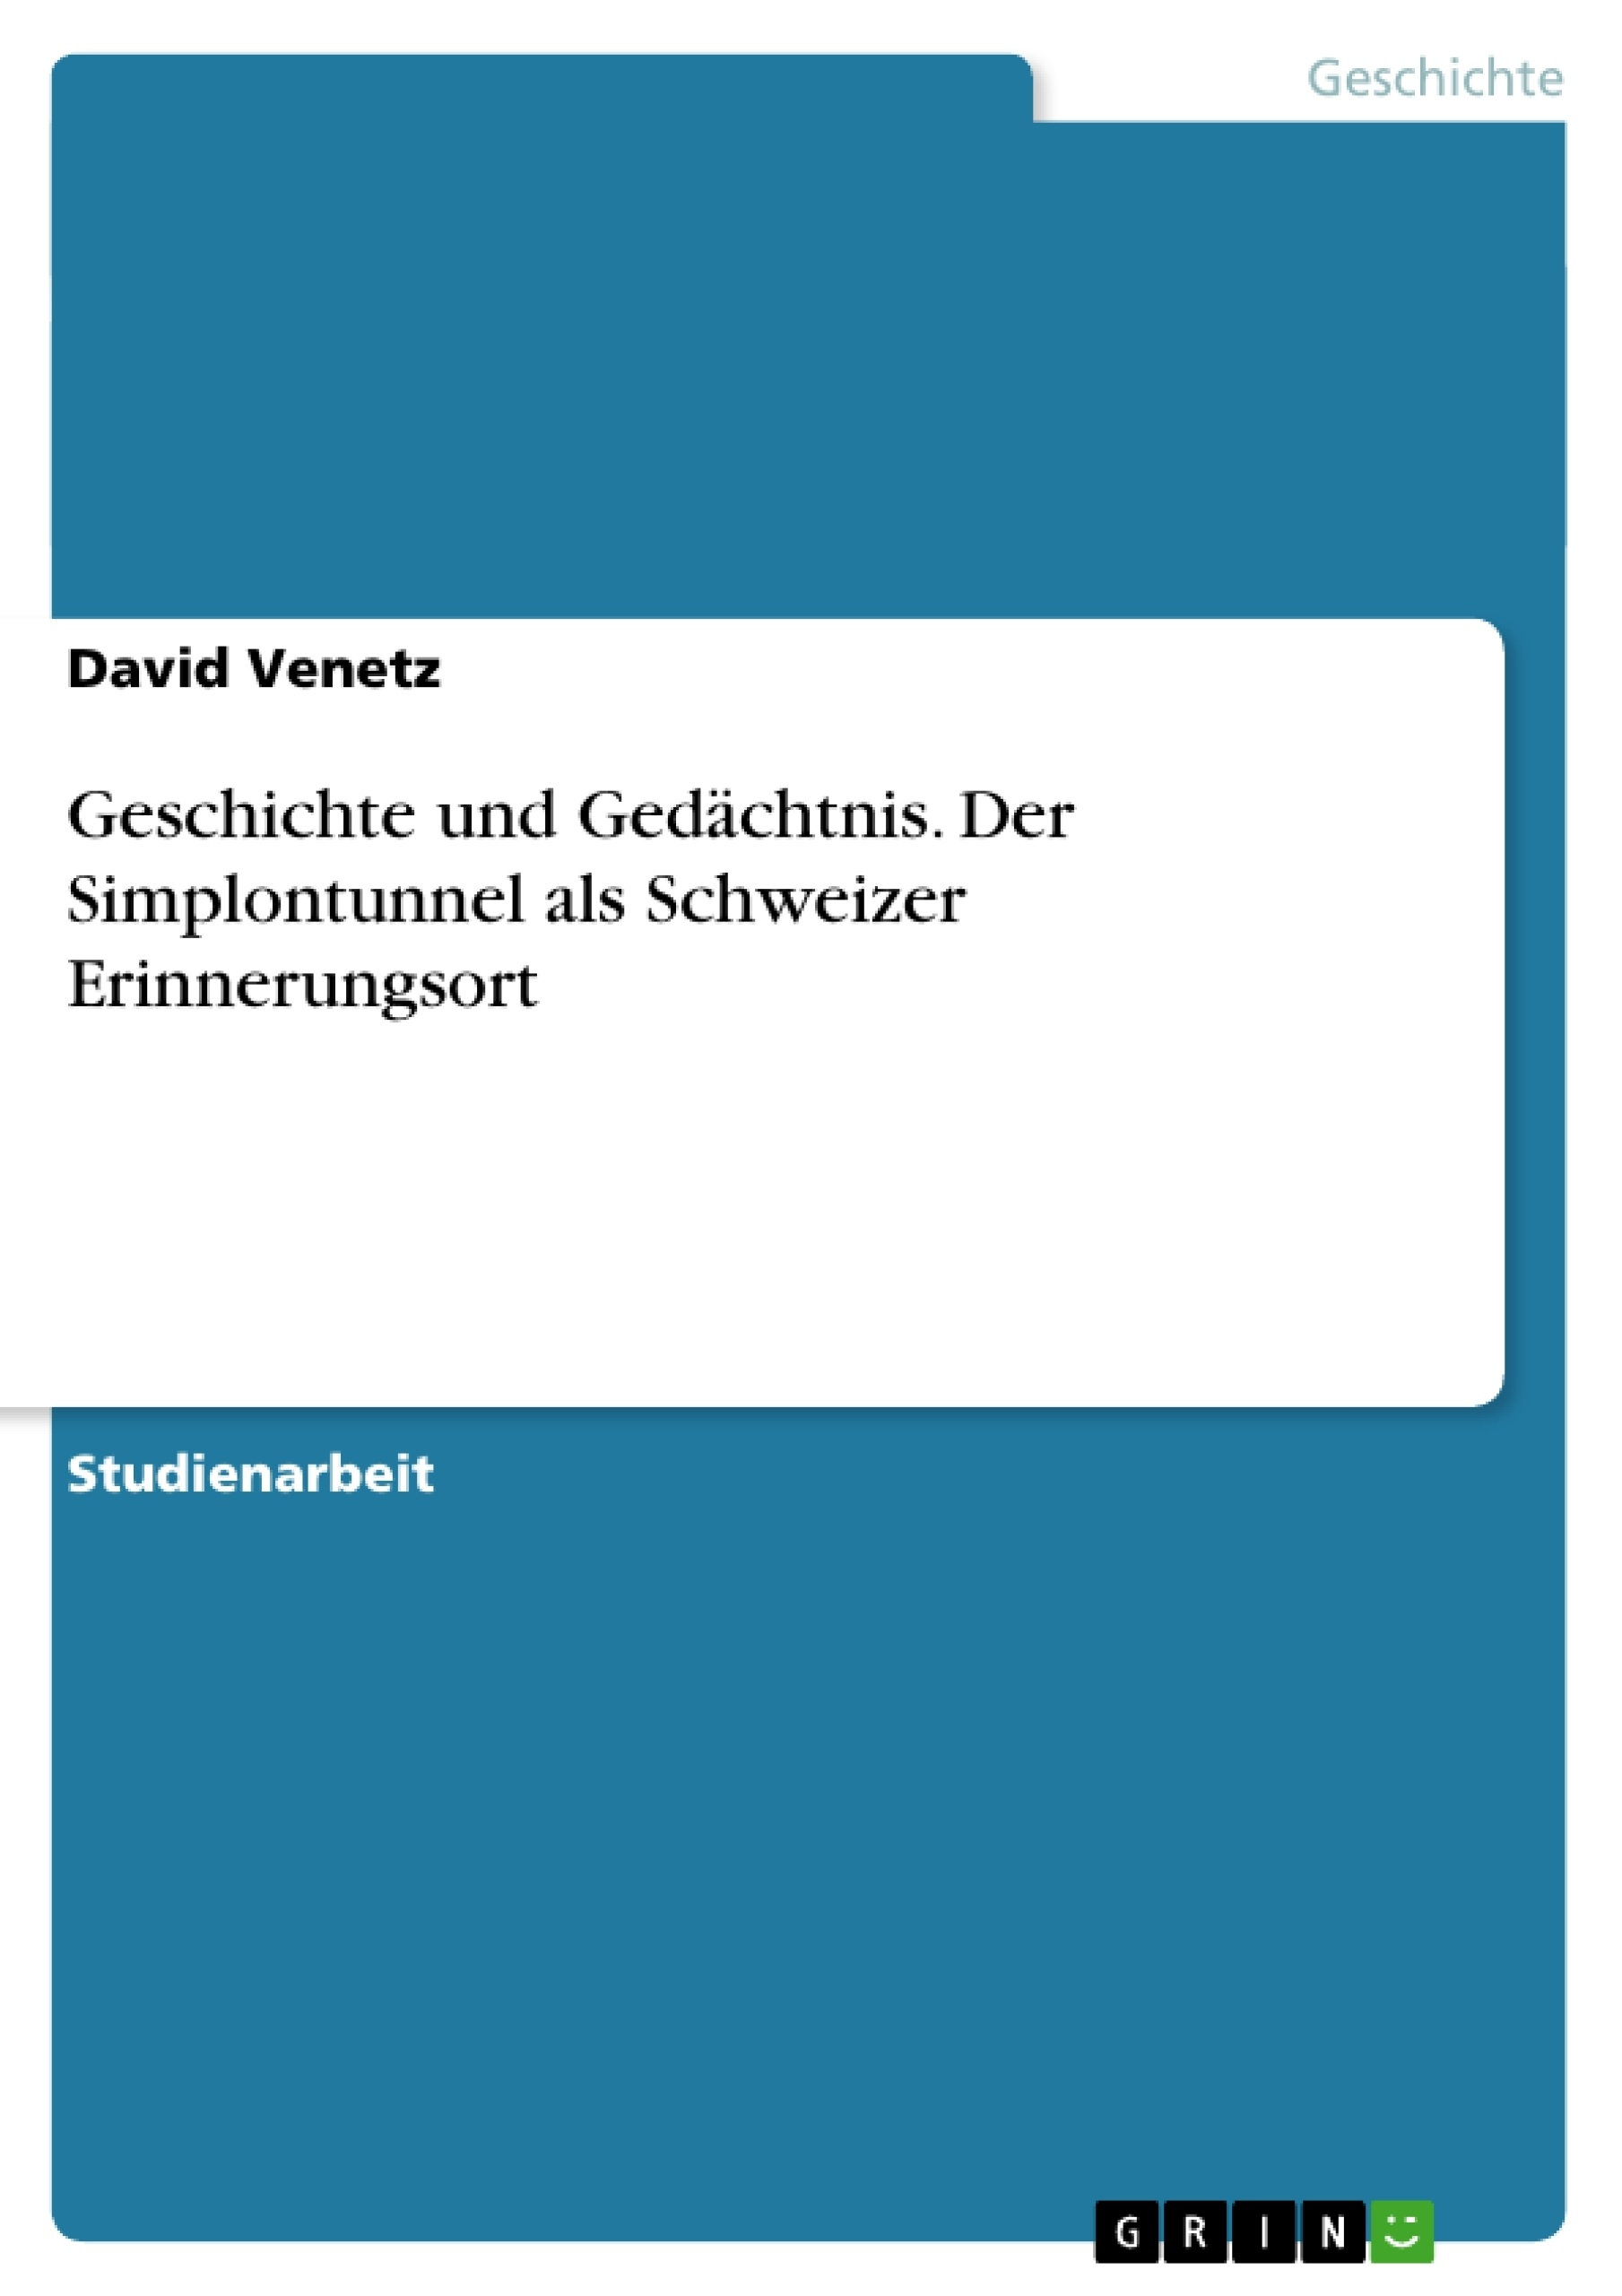 Titel: Geschichte und  Gedächtnis. Der Simplontunnel als Schweizer Erinnerungsort